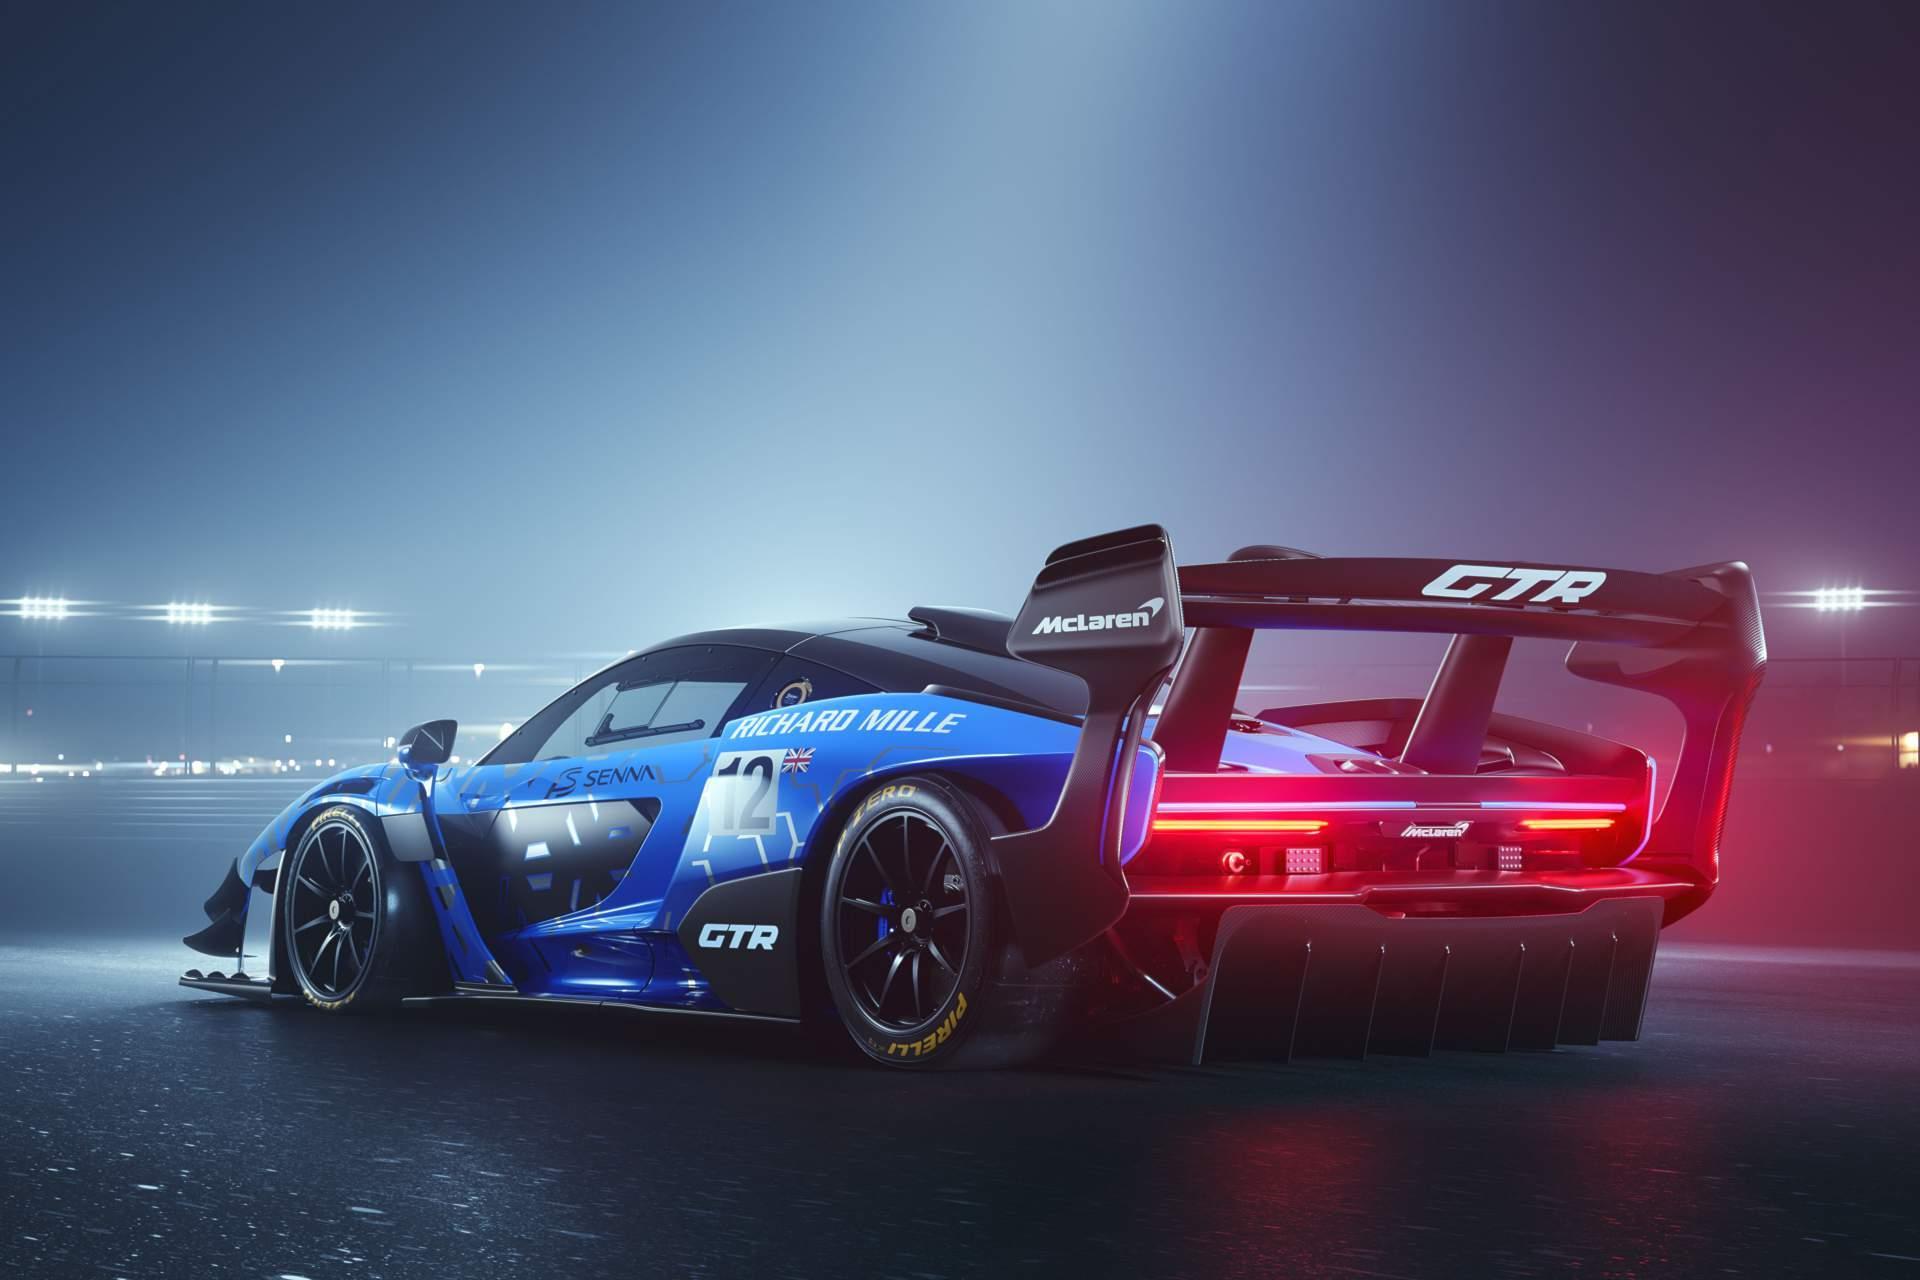 迈凯轮的塞纳GTR比一级方程式赛车更快